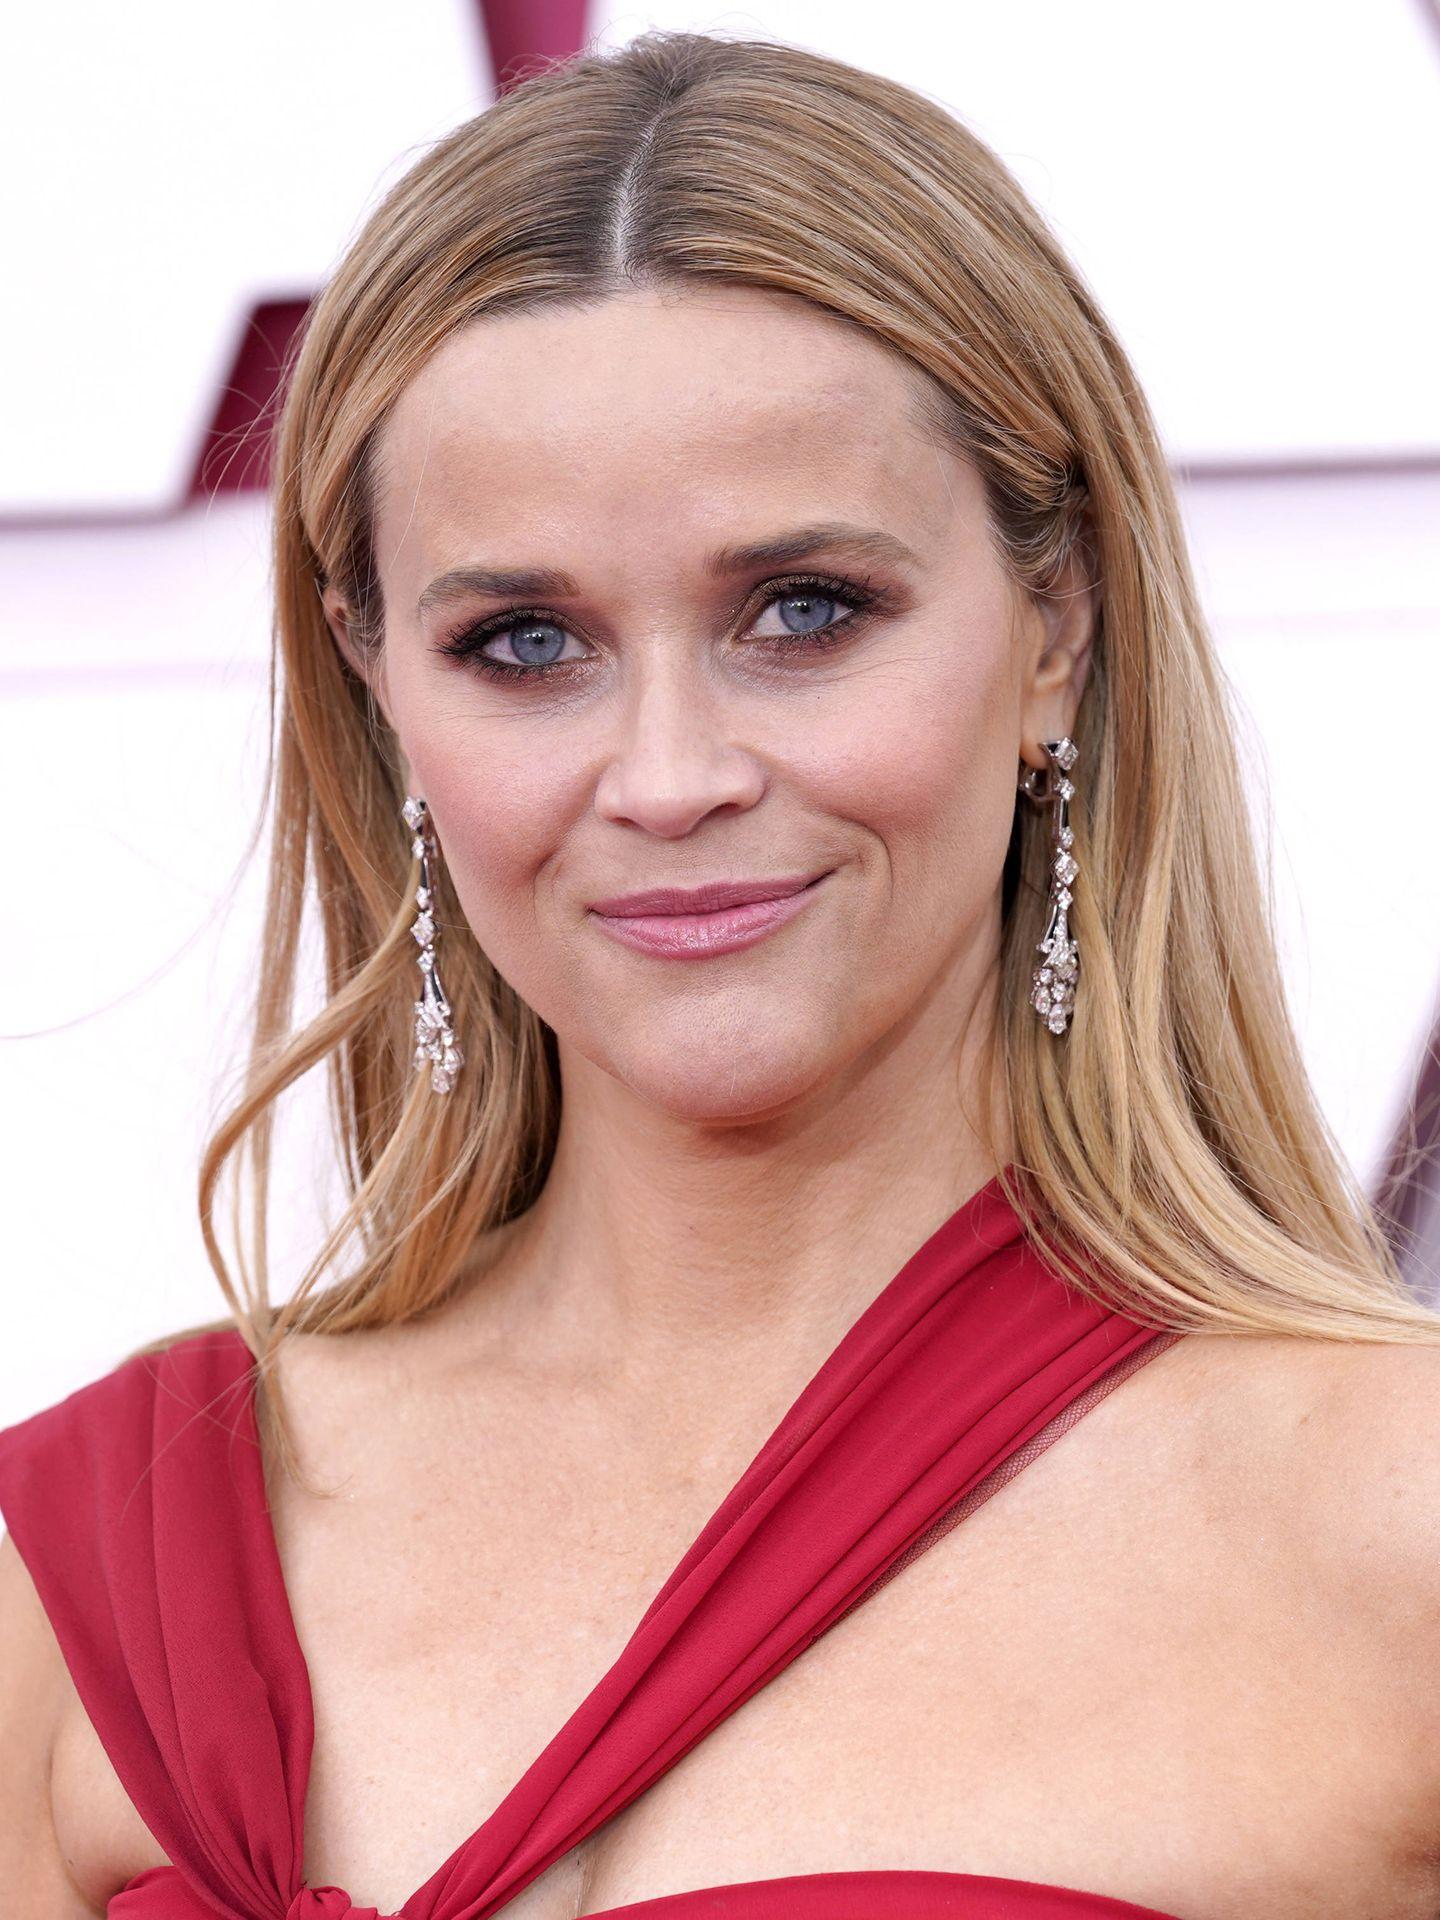 El look de belleza de Reese Witherspoon en los Oscar 2021, con raya en medio y ojos ahumados en tonos tierra. (Getty)